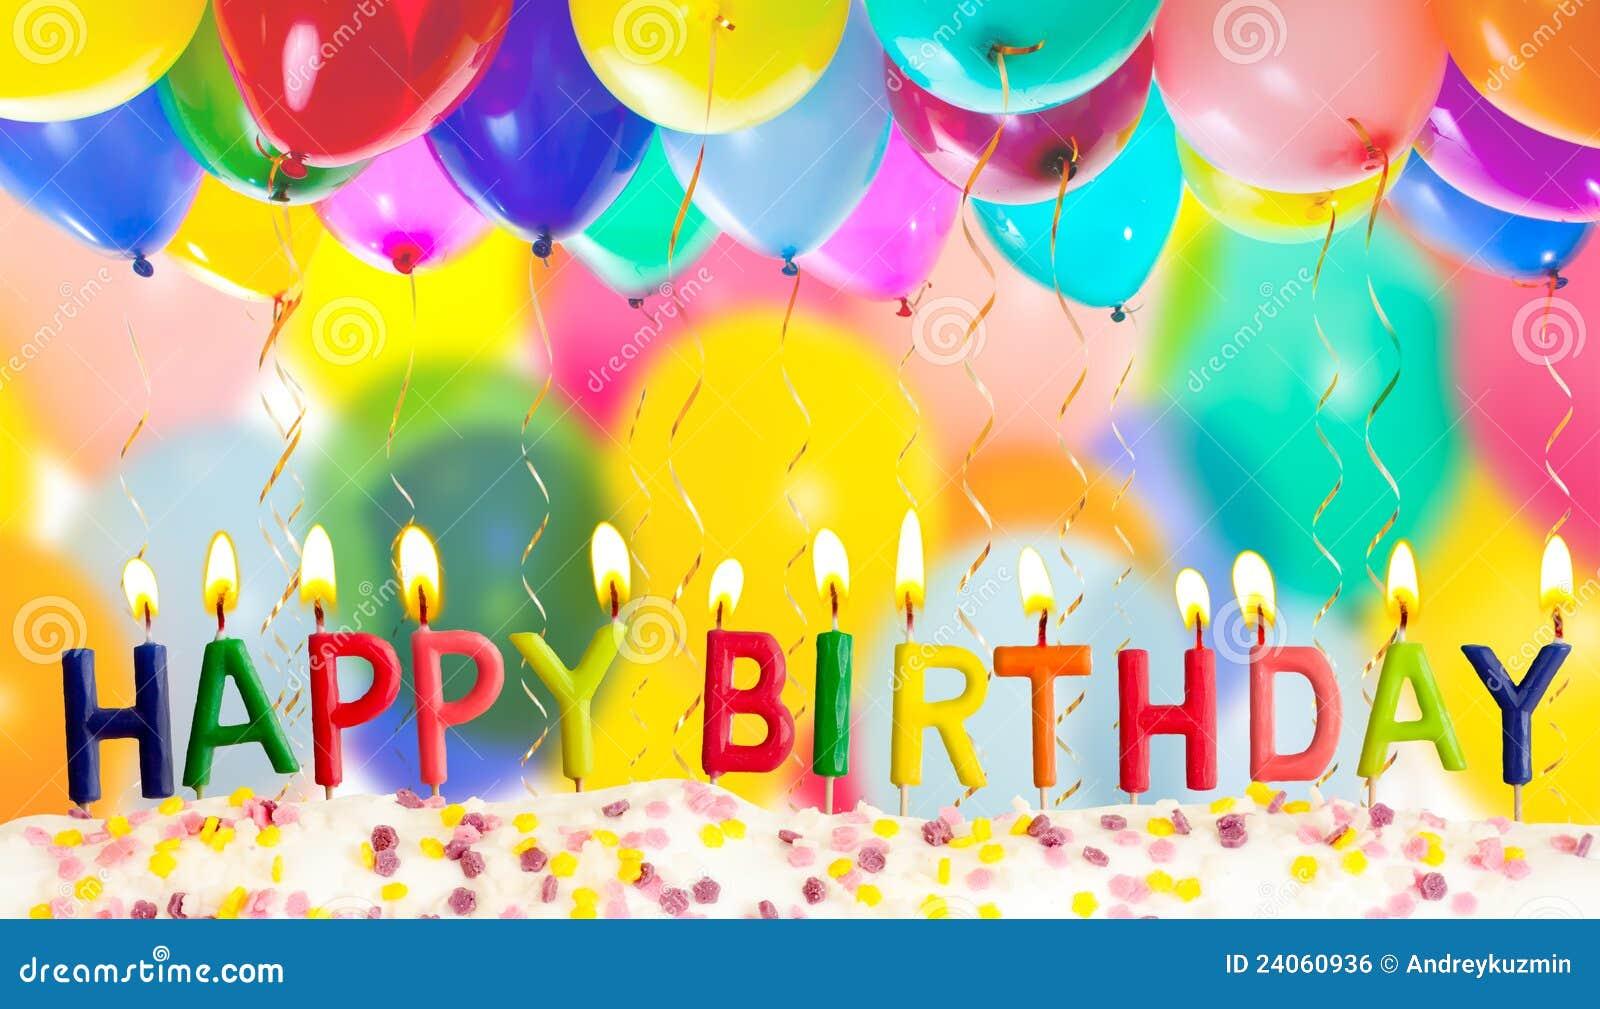 Buon compleanno illuminato candele sugli aerostati variopinti